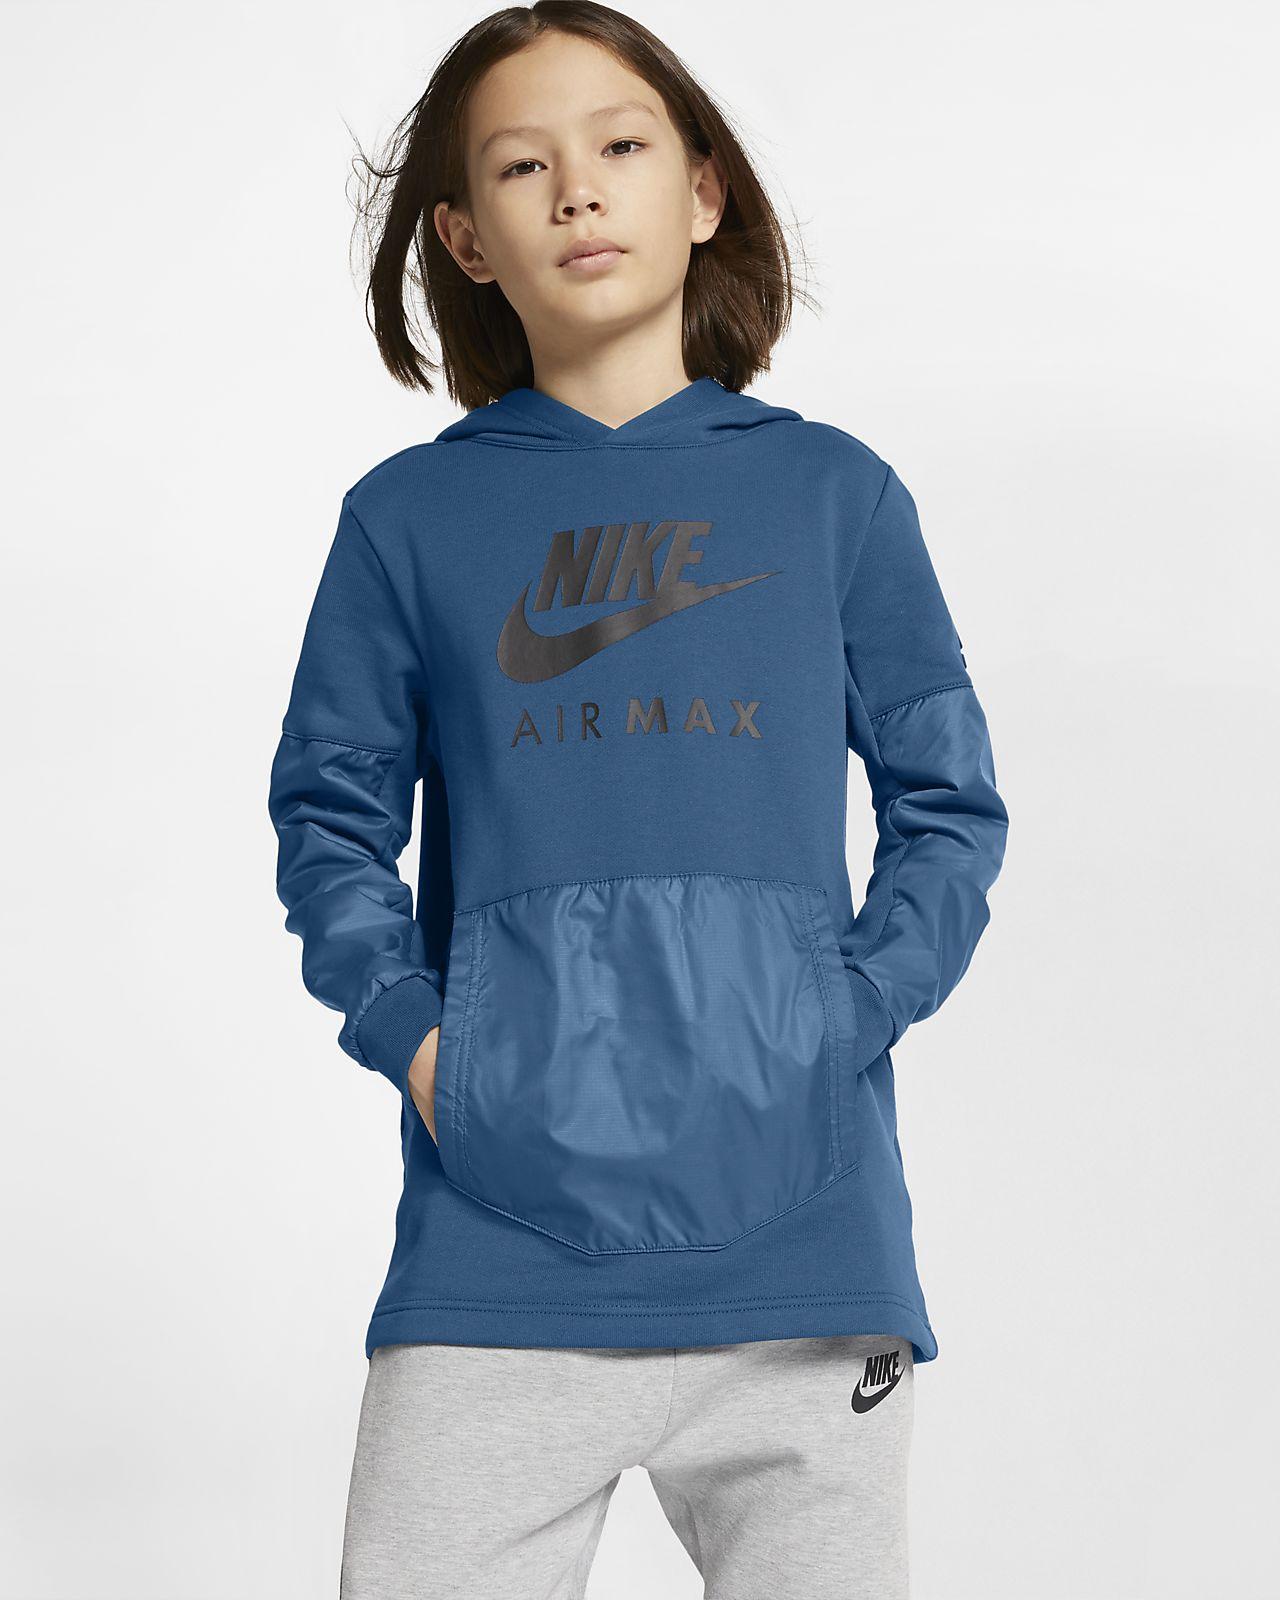 Nike Air Max-pullover-hættetrøje til store børn (drenge)